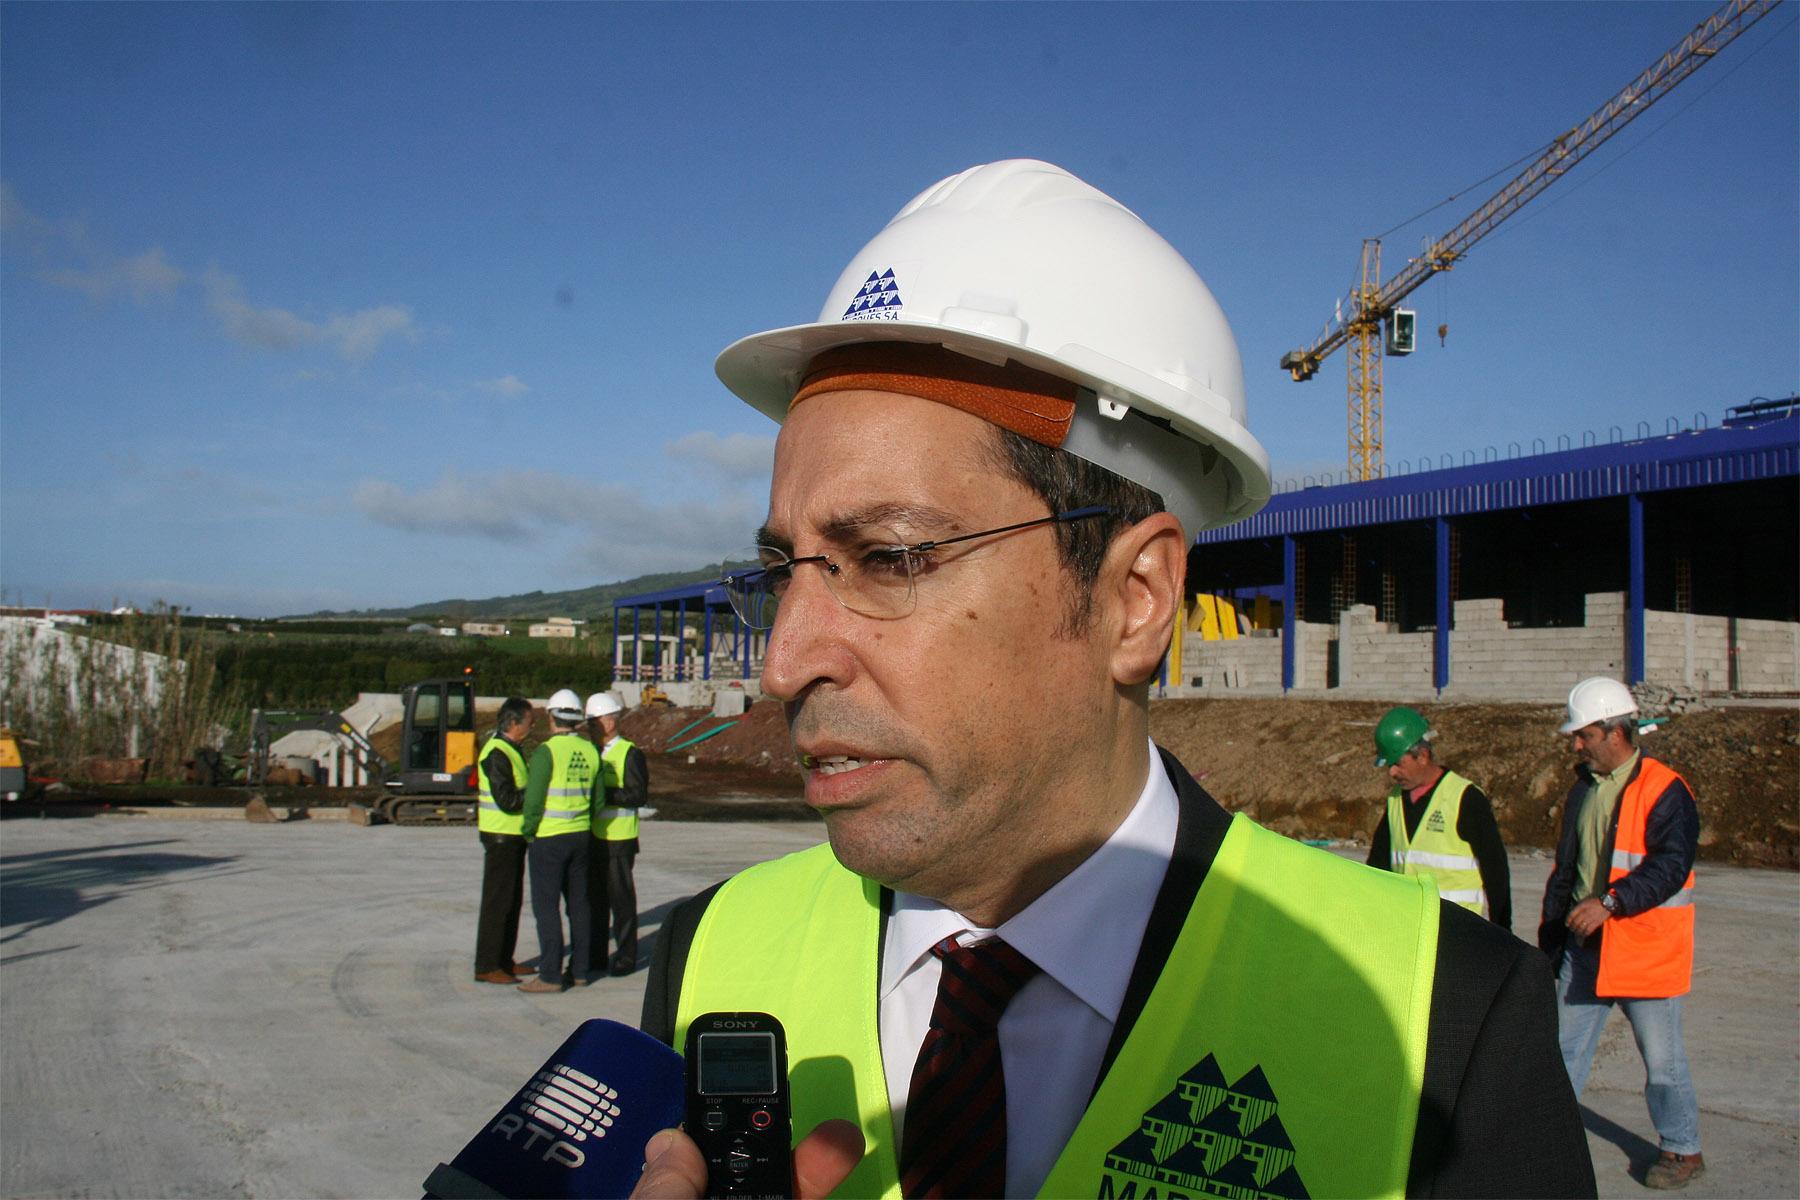 Governo dos Açores vai criar estrutura de decisão conjunta para a fileira da carne bovina, anunciou João Ponte